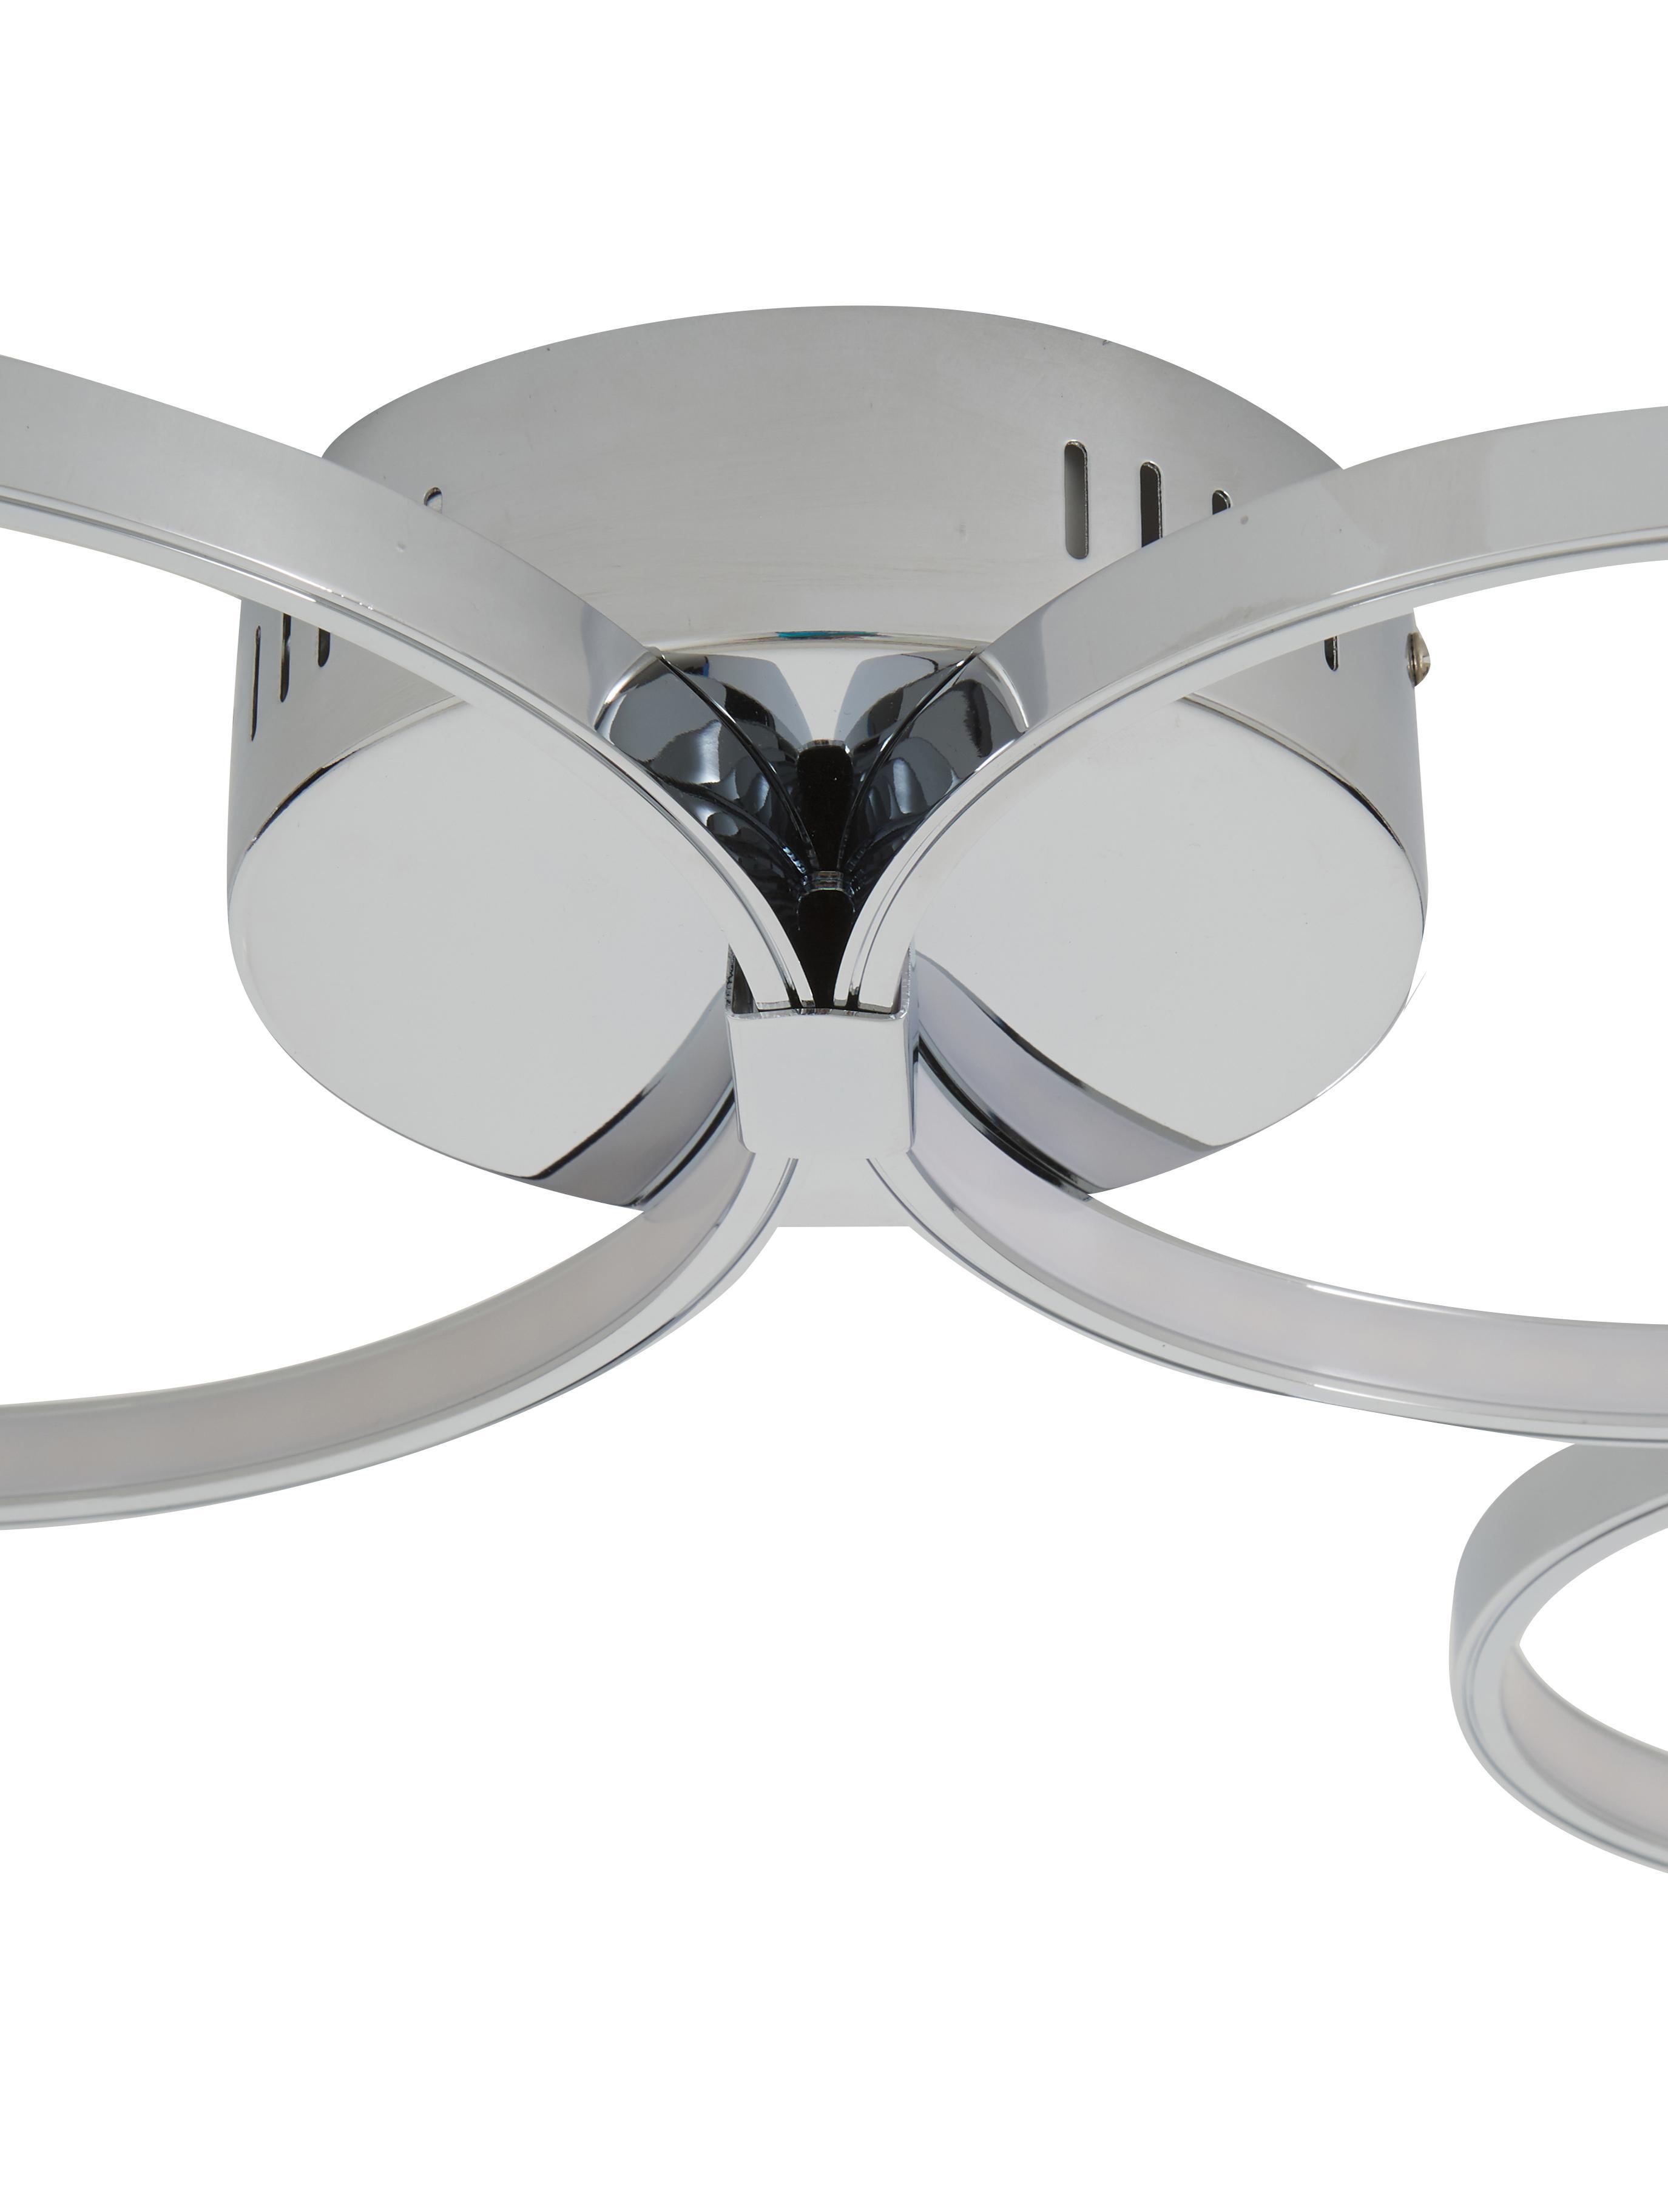 LED Deckenleuchte Solexa, Metall, verchromt, Chrom, 75 x 7 cm